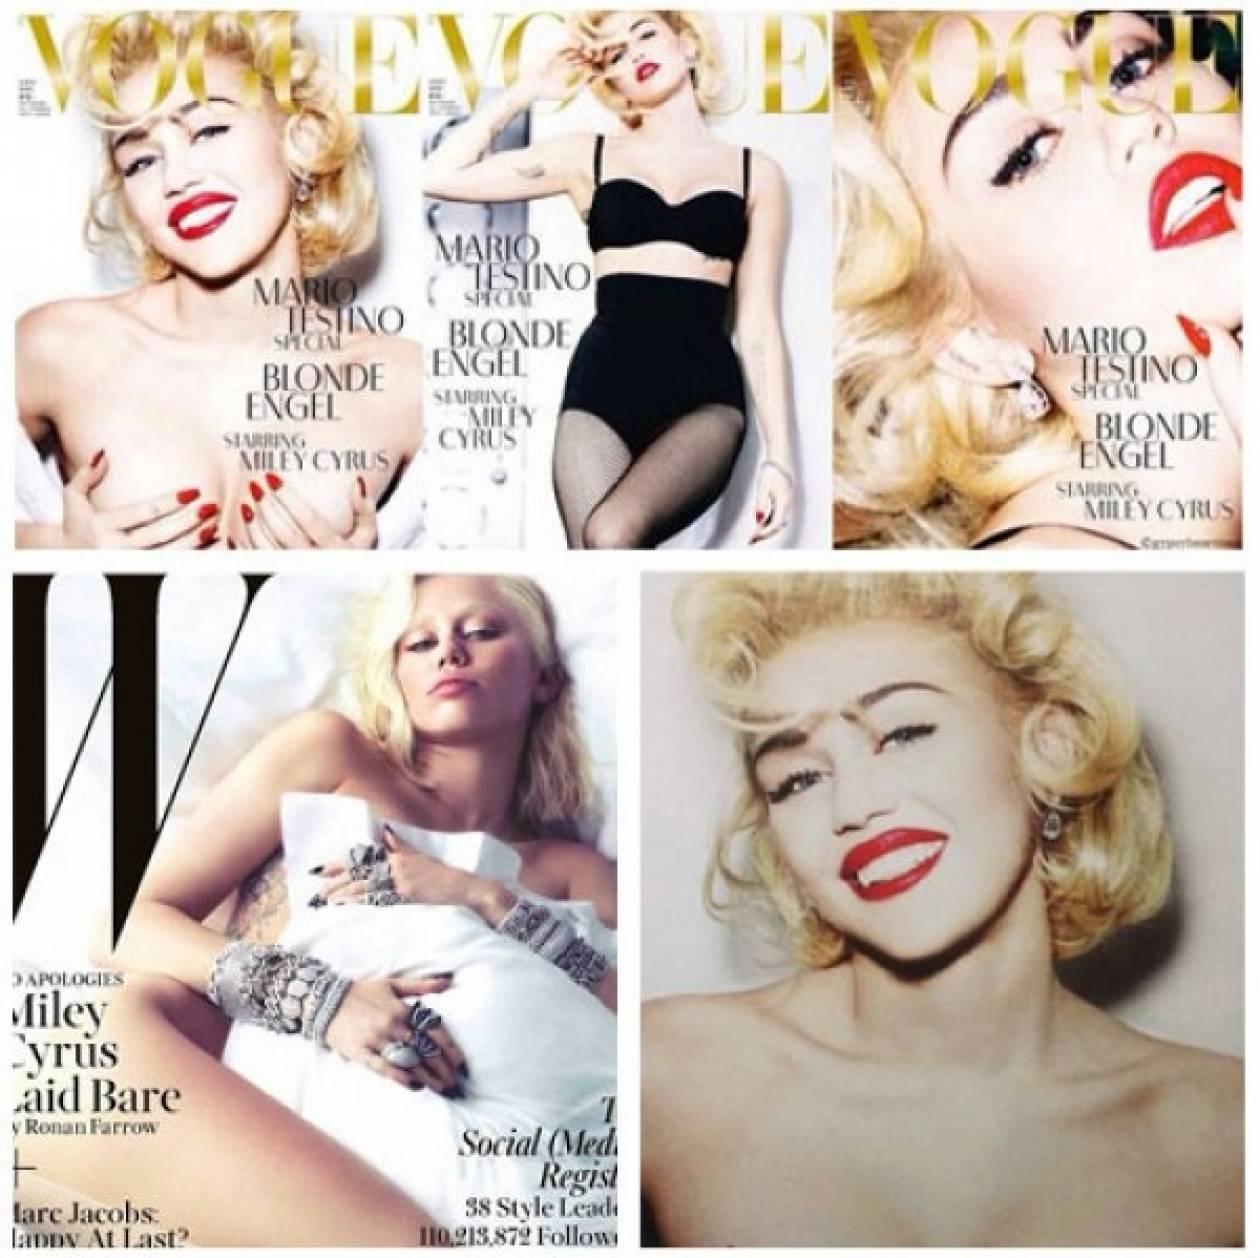 Είναι έτοιμη η Αμερική να αγκαλιάσει το γυμνό της Miley;